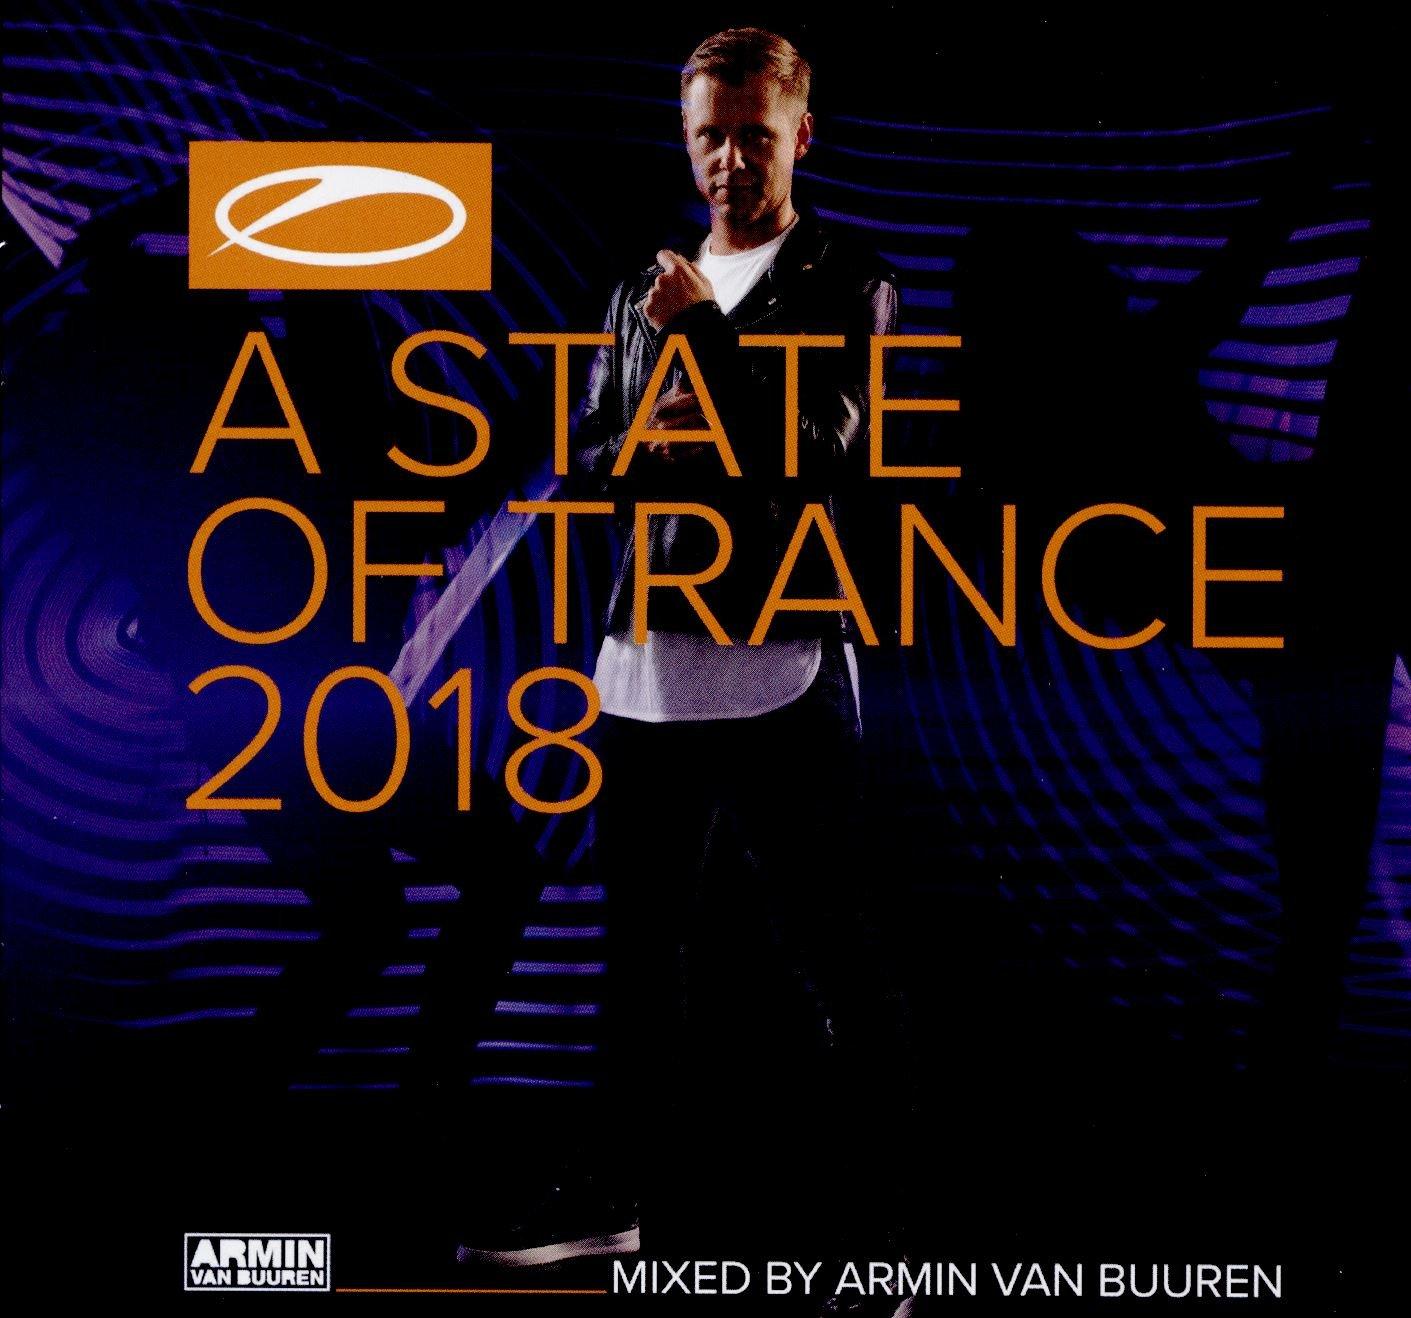 armin van buuren state of trance 2018